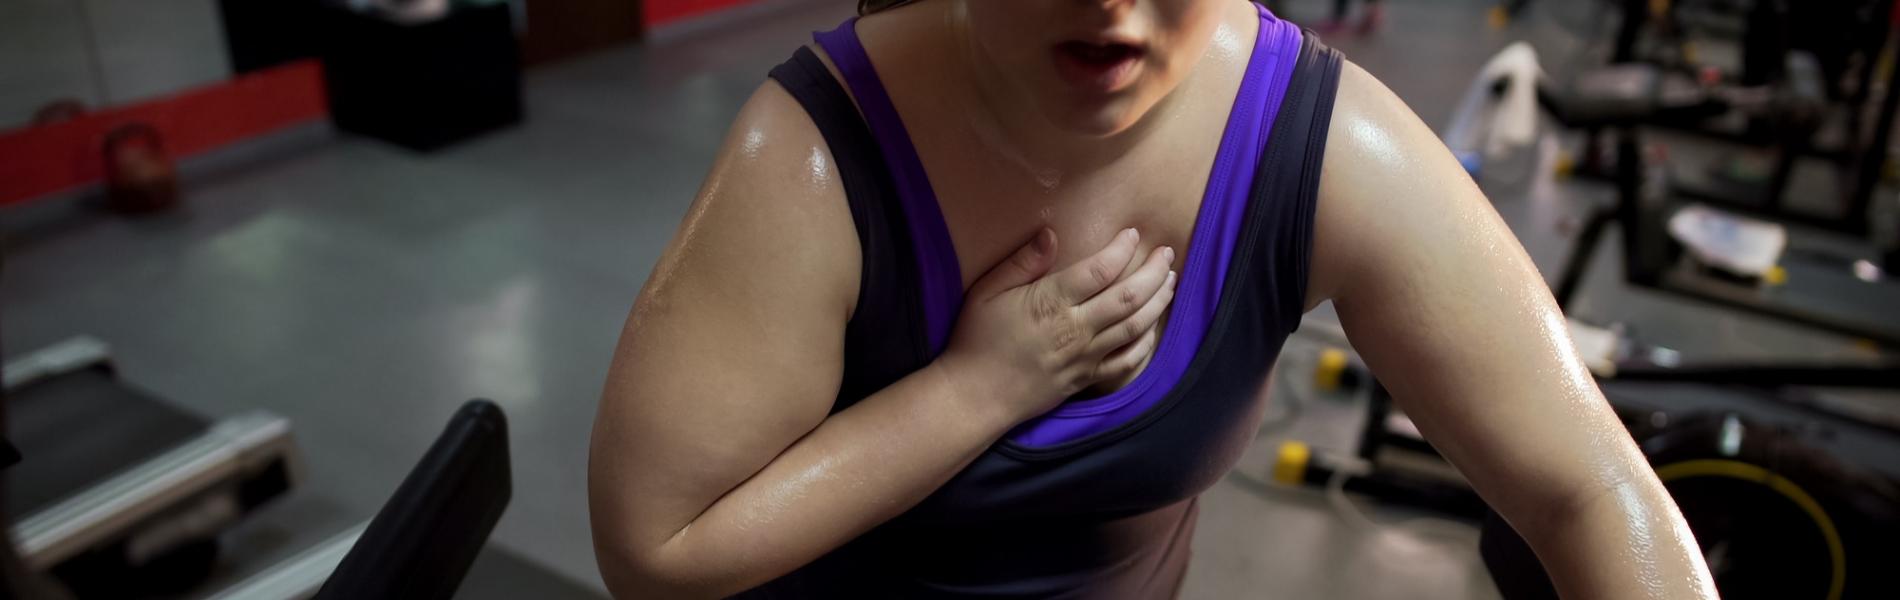 עלייה משמעותית בהתקפי לב אצל נשים צעירות: כך תזהי שאת בהתקף